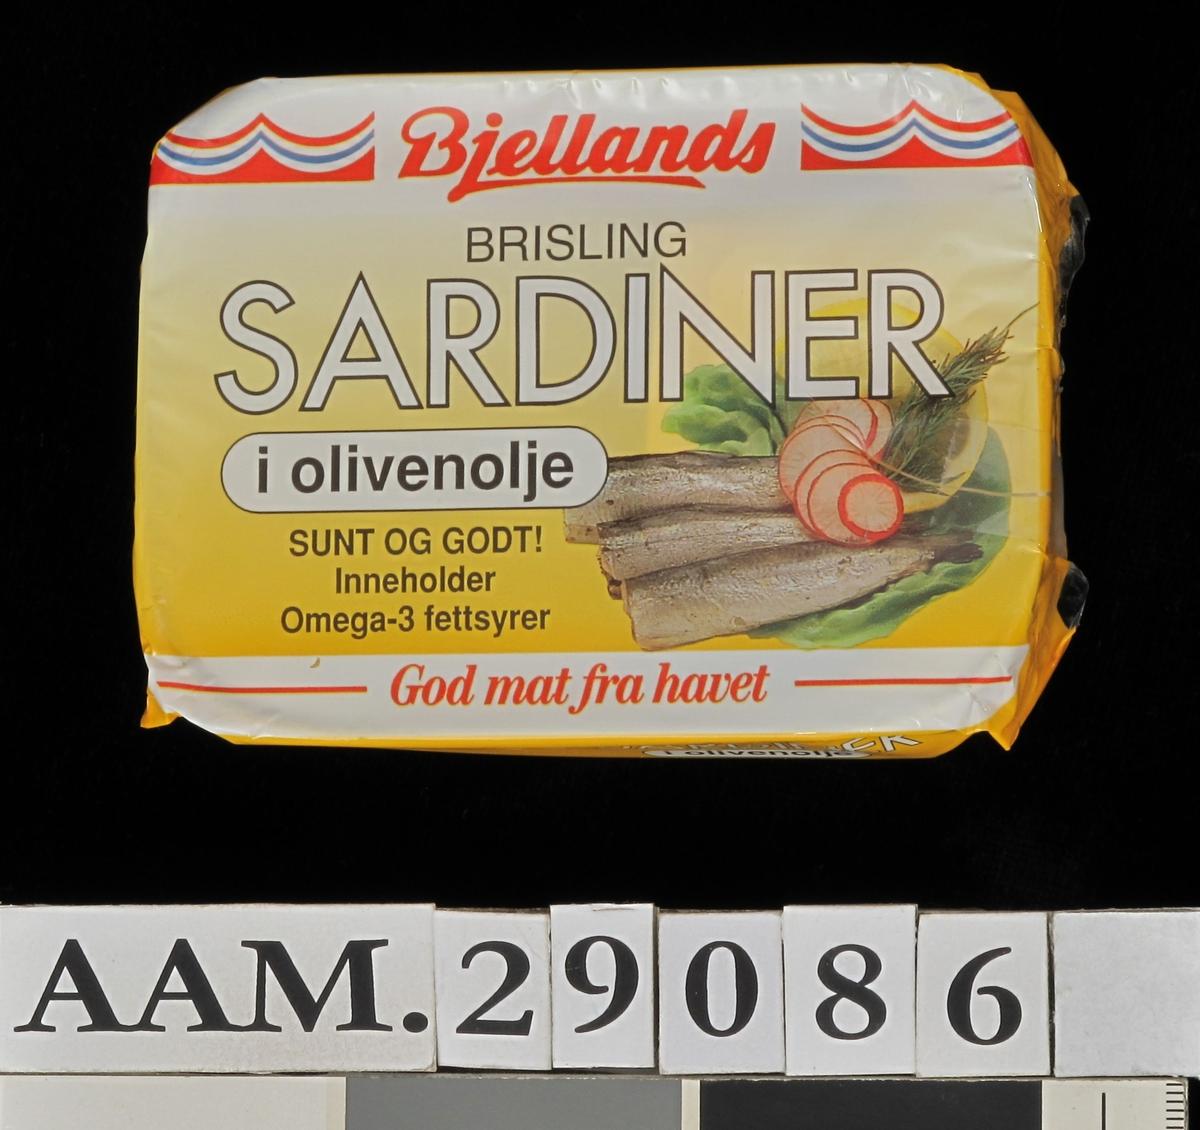 Sardiner.